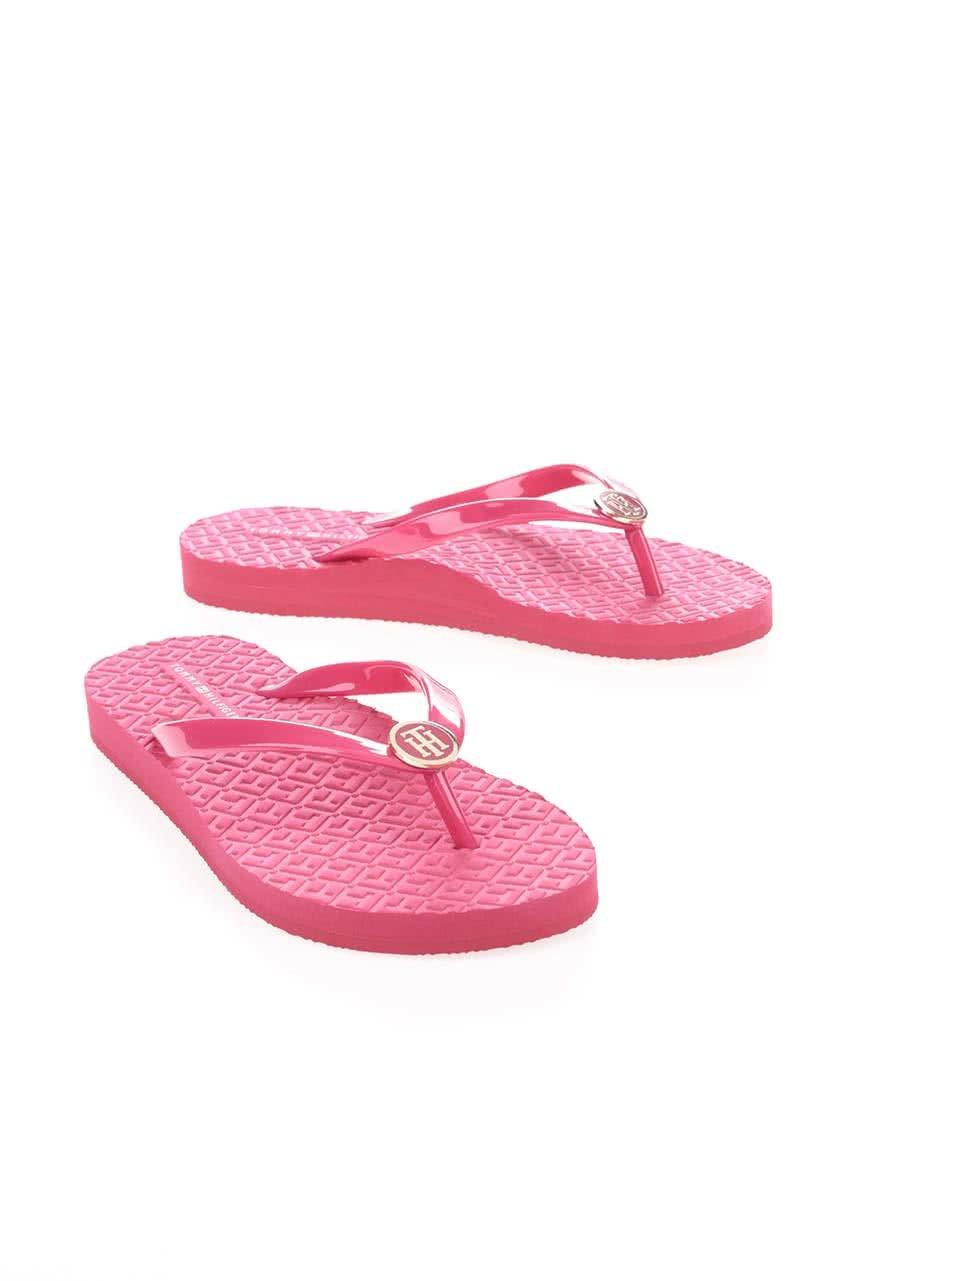 Růžové lesklé dámské žabky Tommy Hilfiger ... d1316746a4